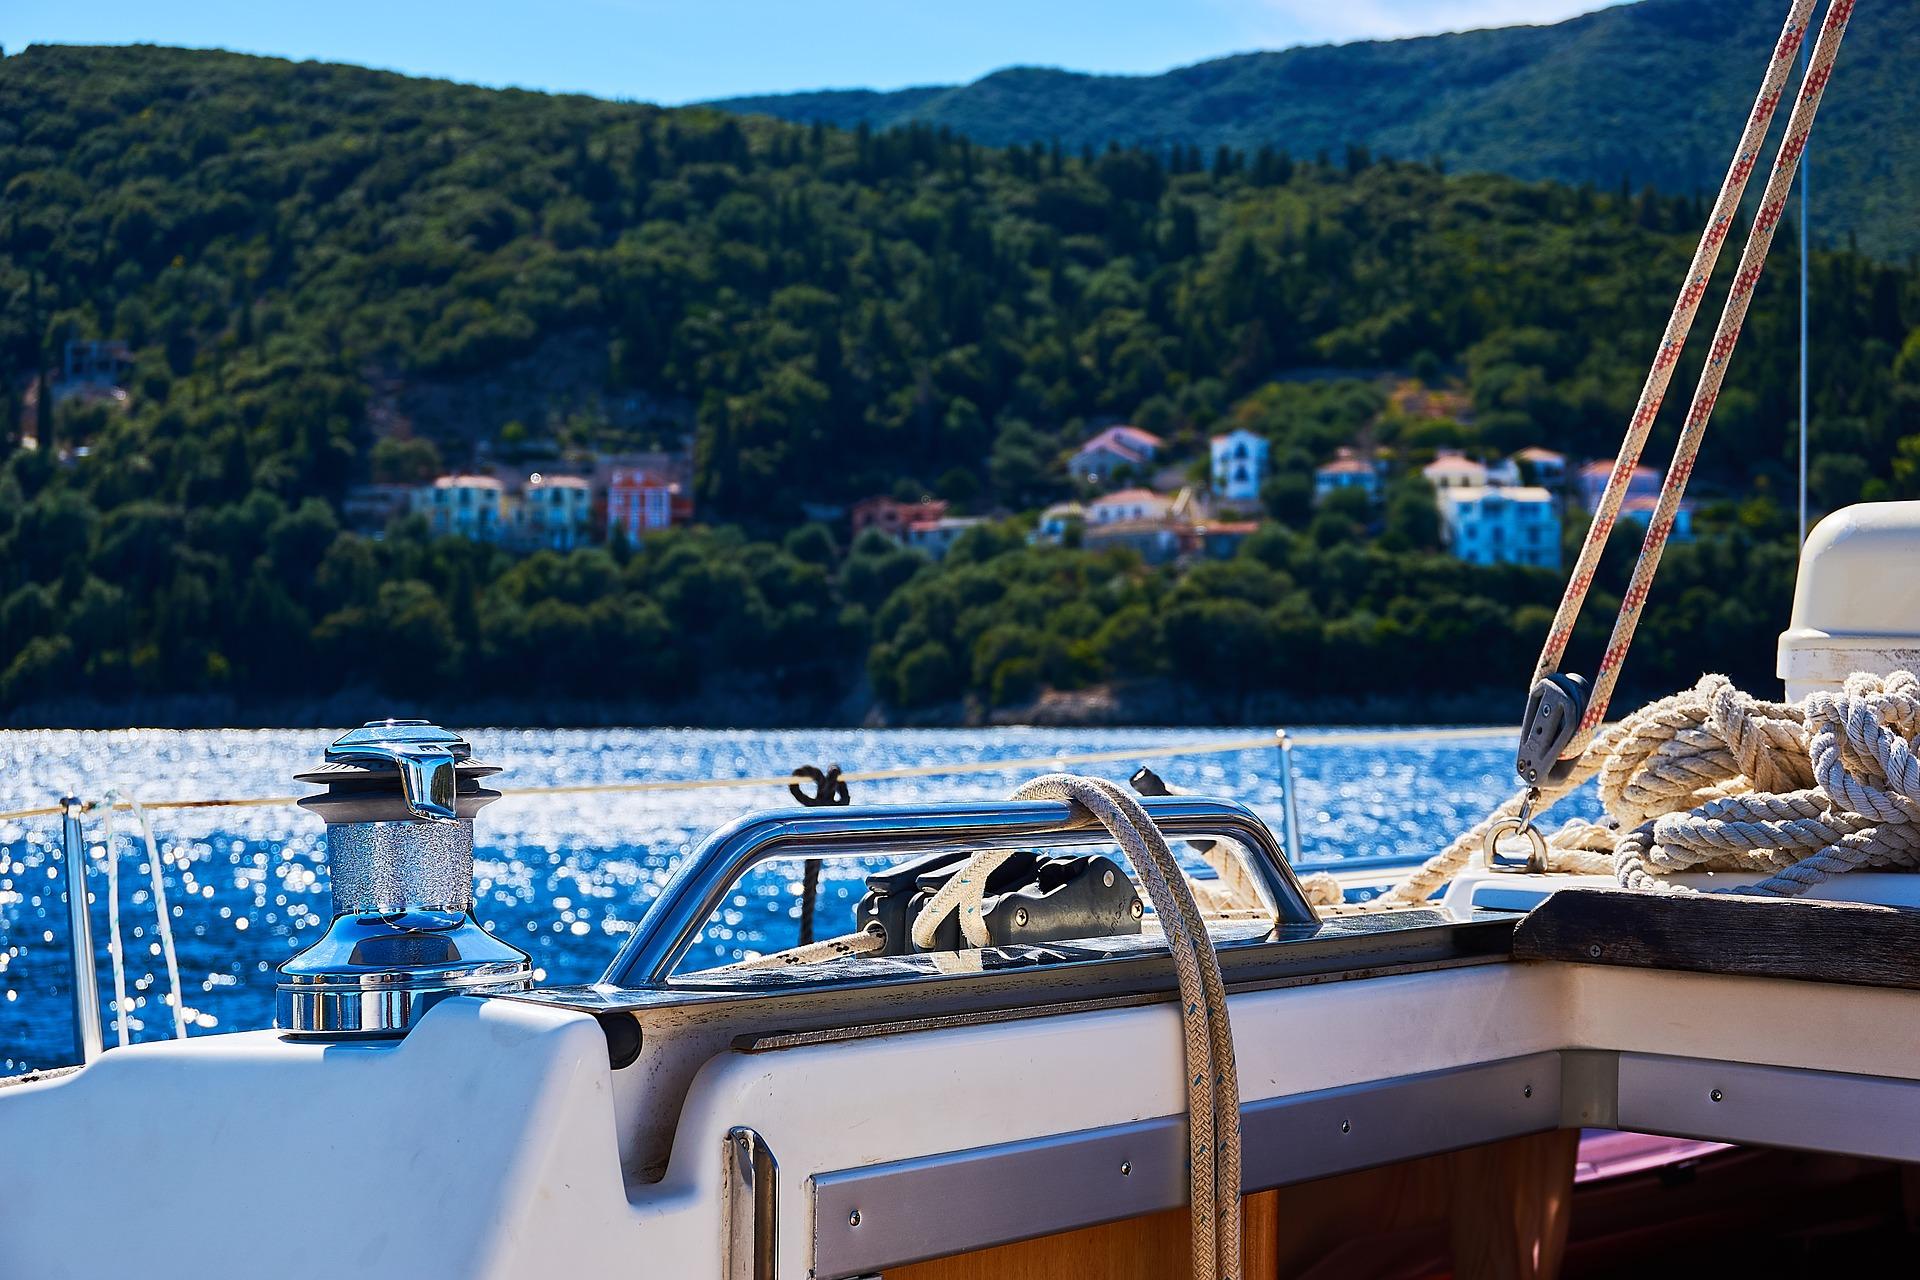 grčka, leto, more, odmor, ostrvo